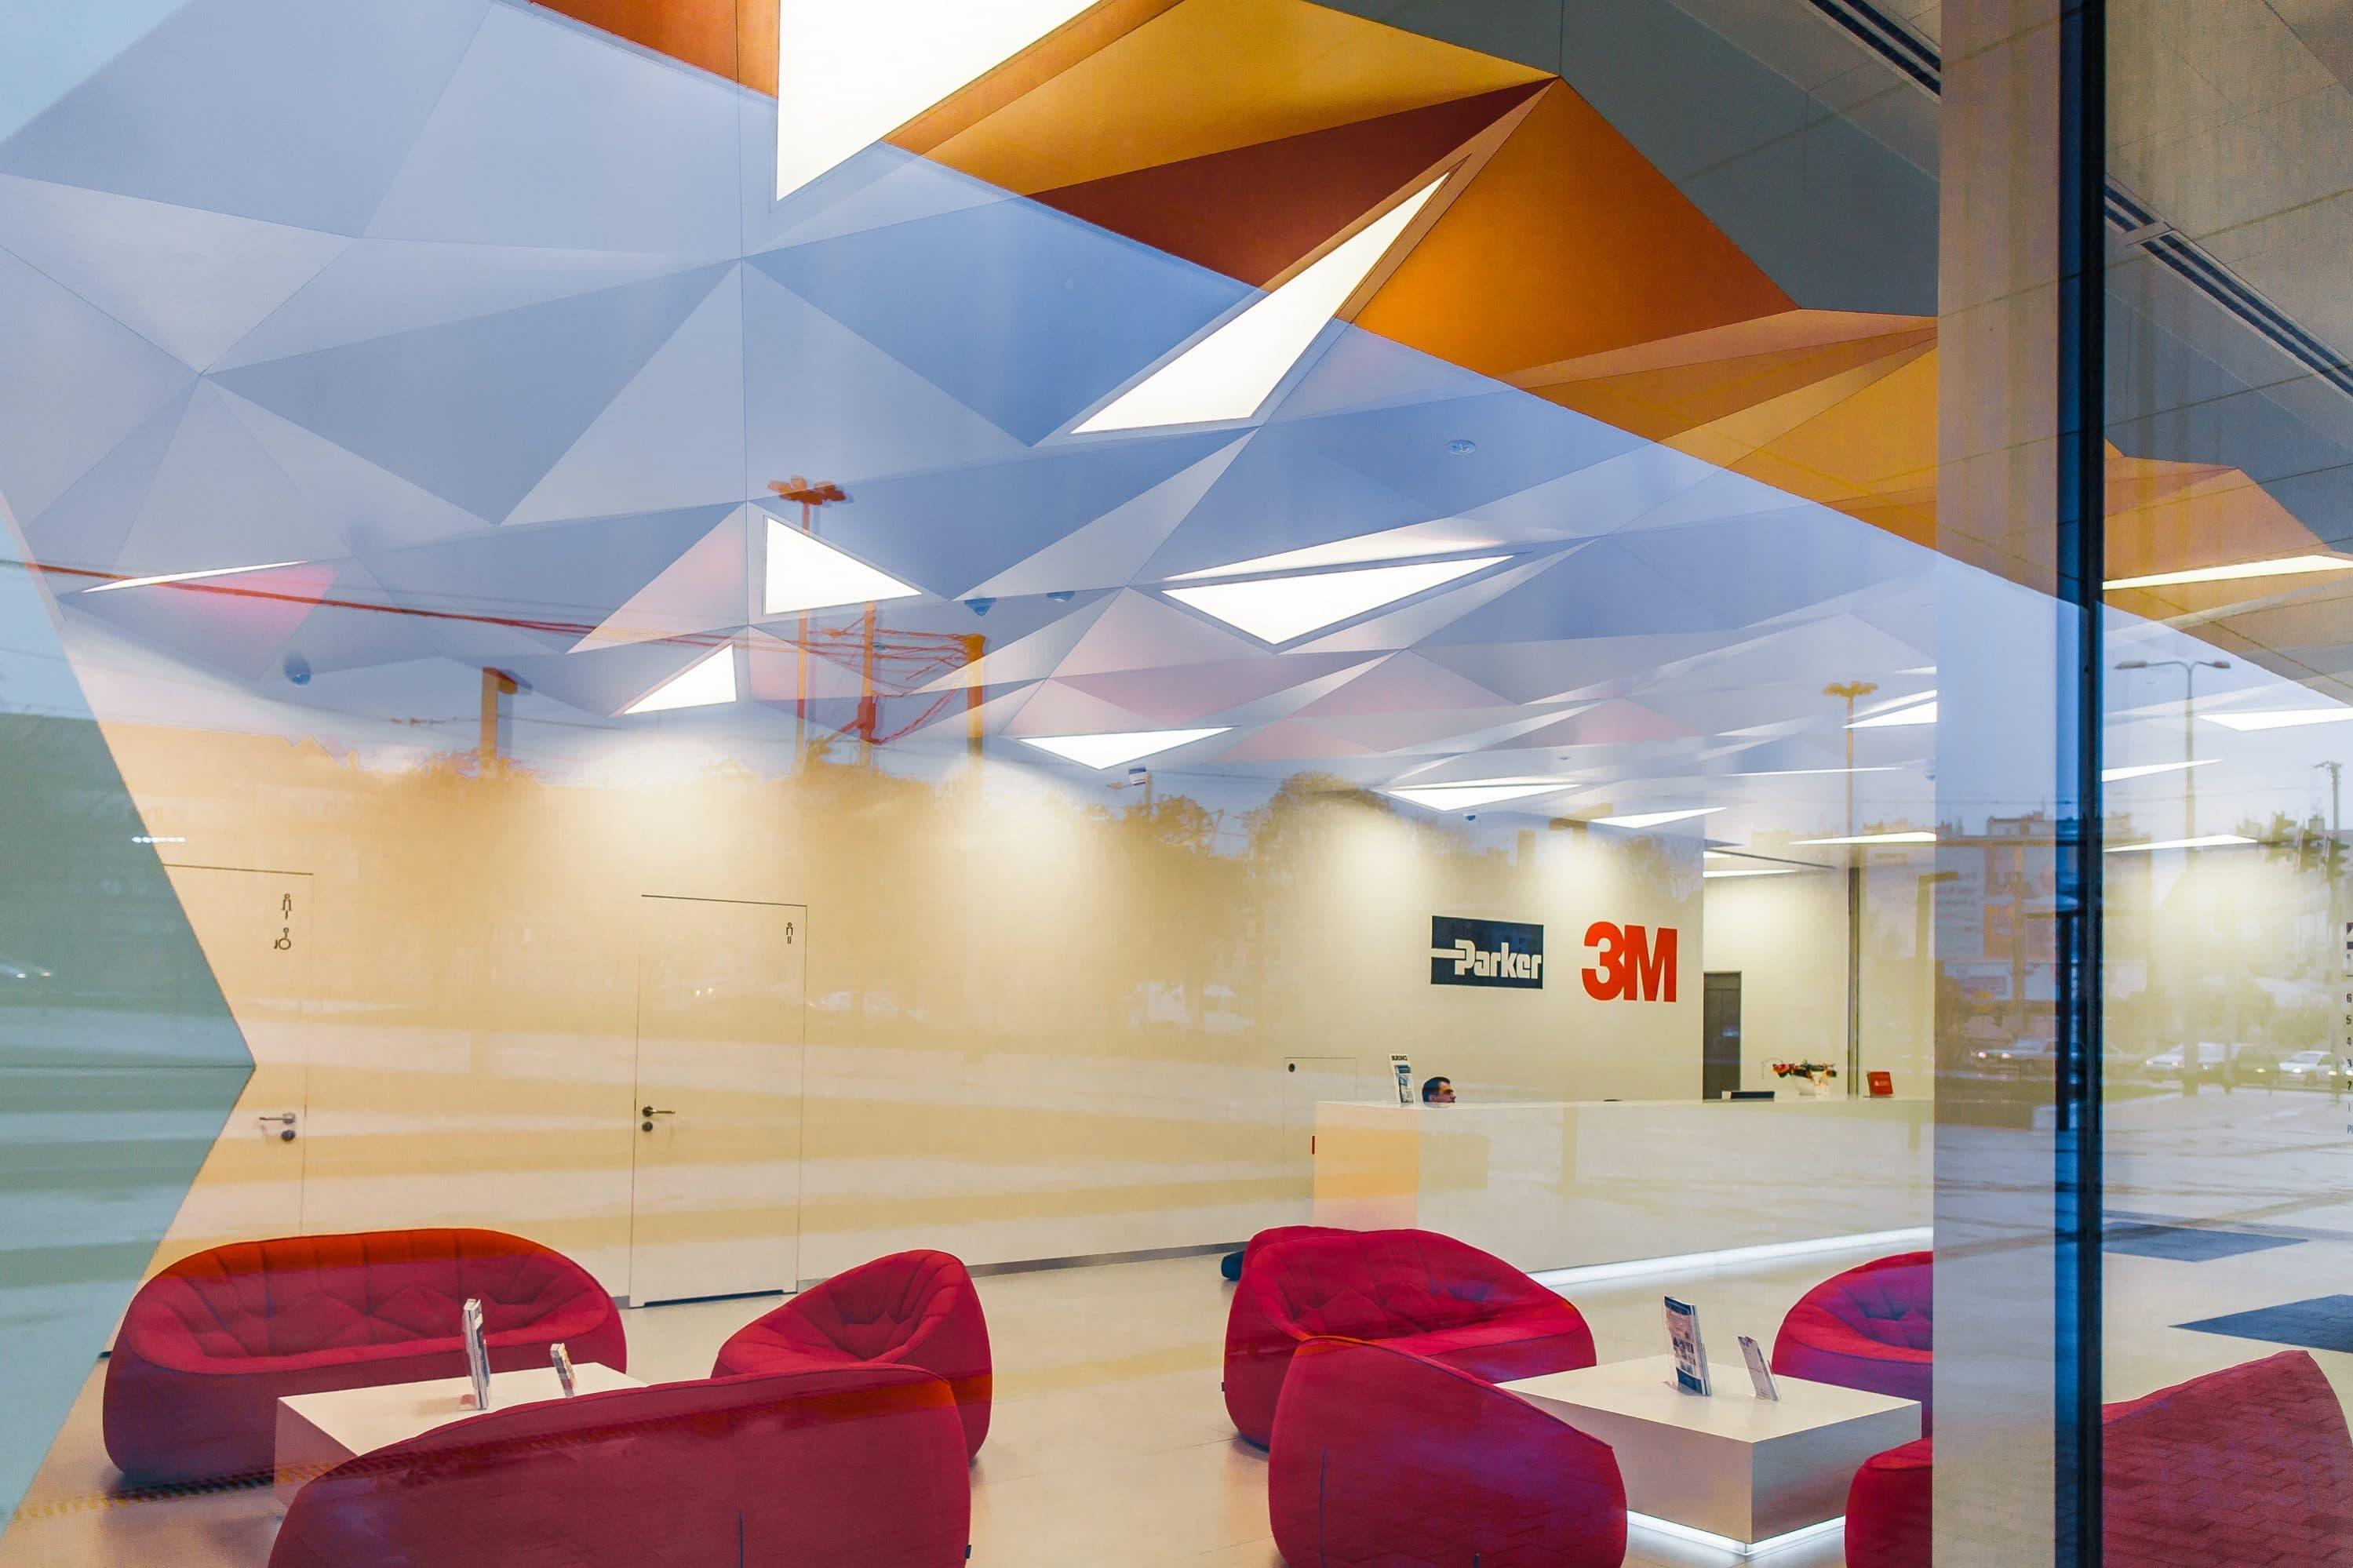 Niestandardowe oprawy led w biurze 3M - Luxon LED